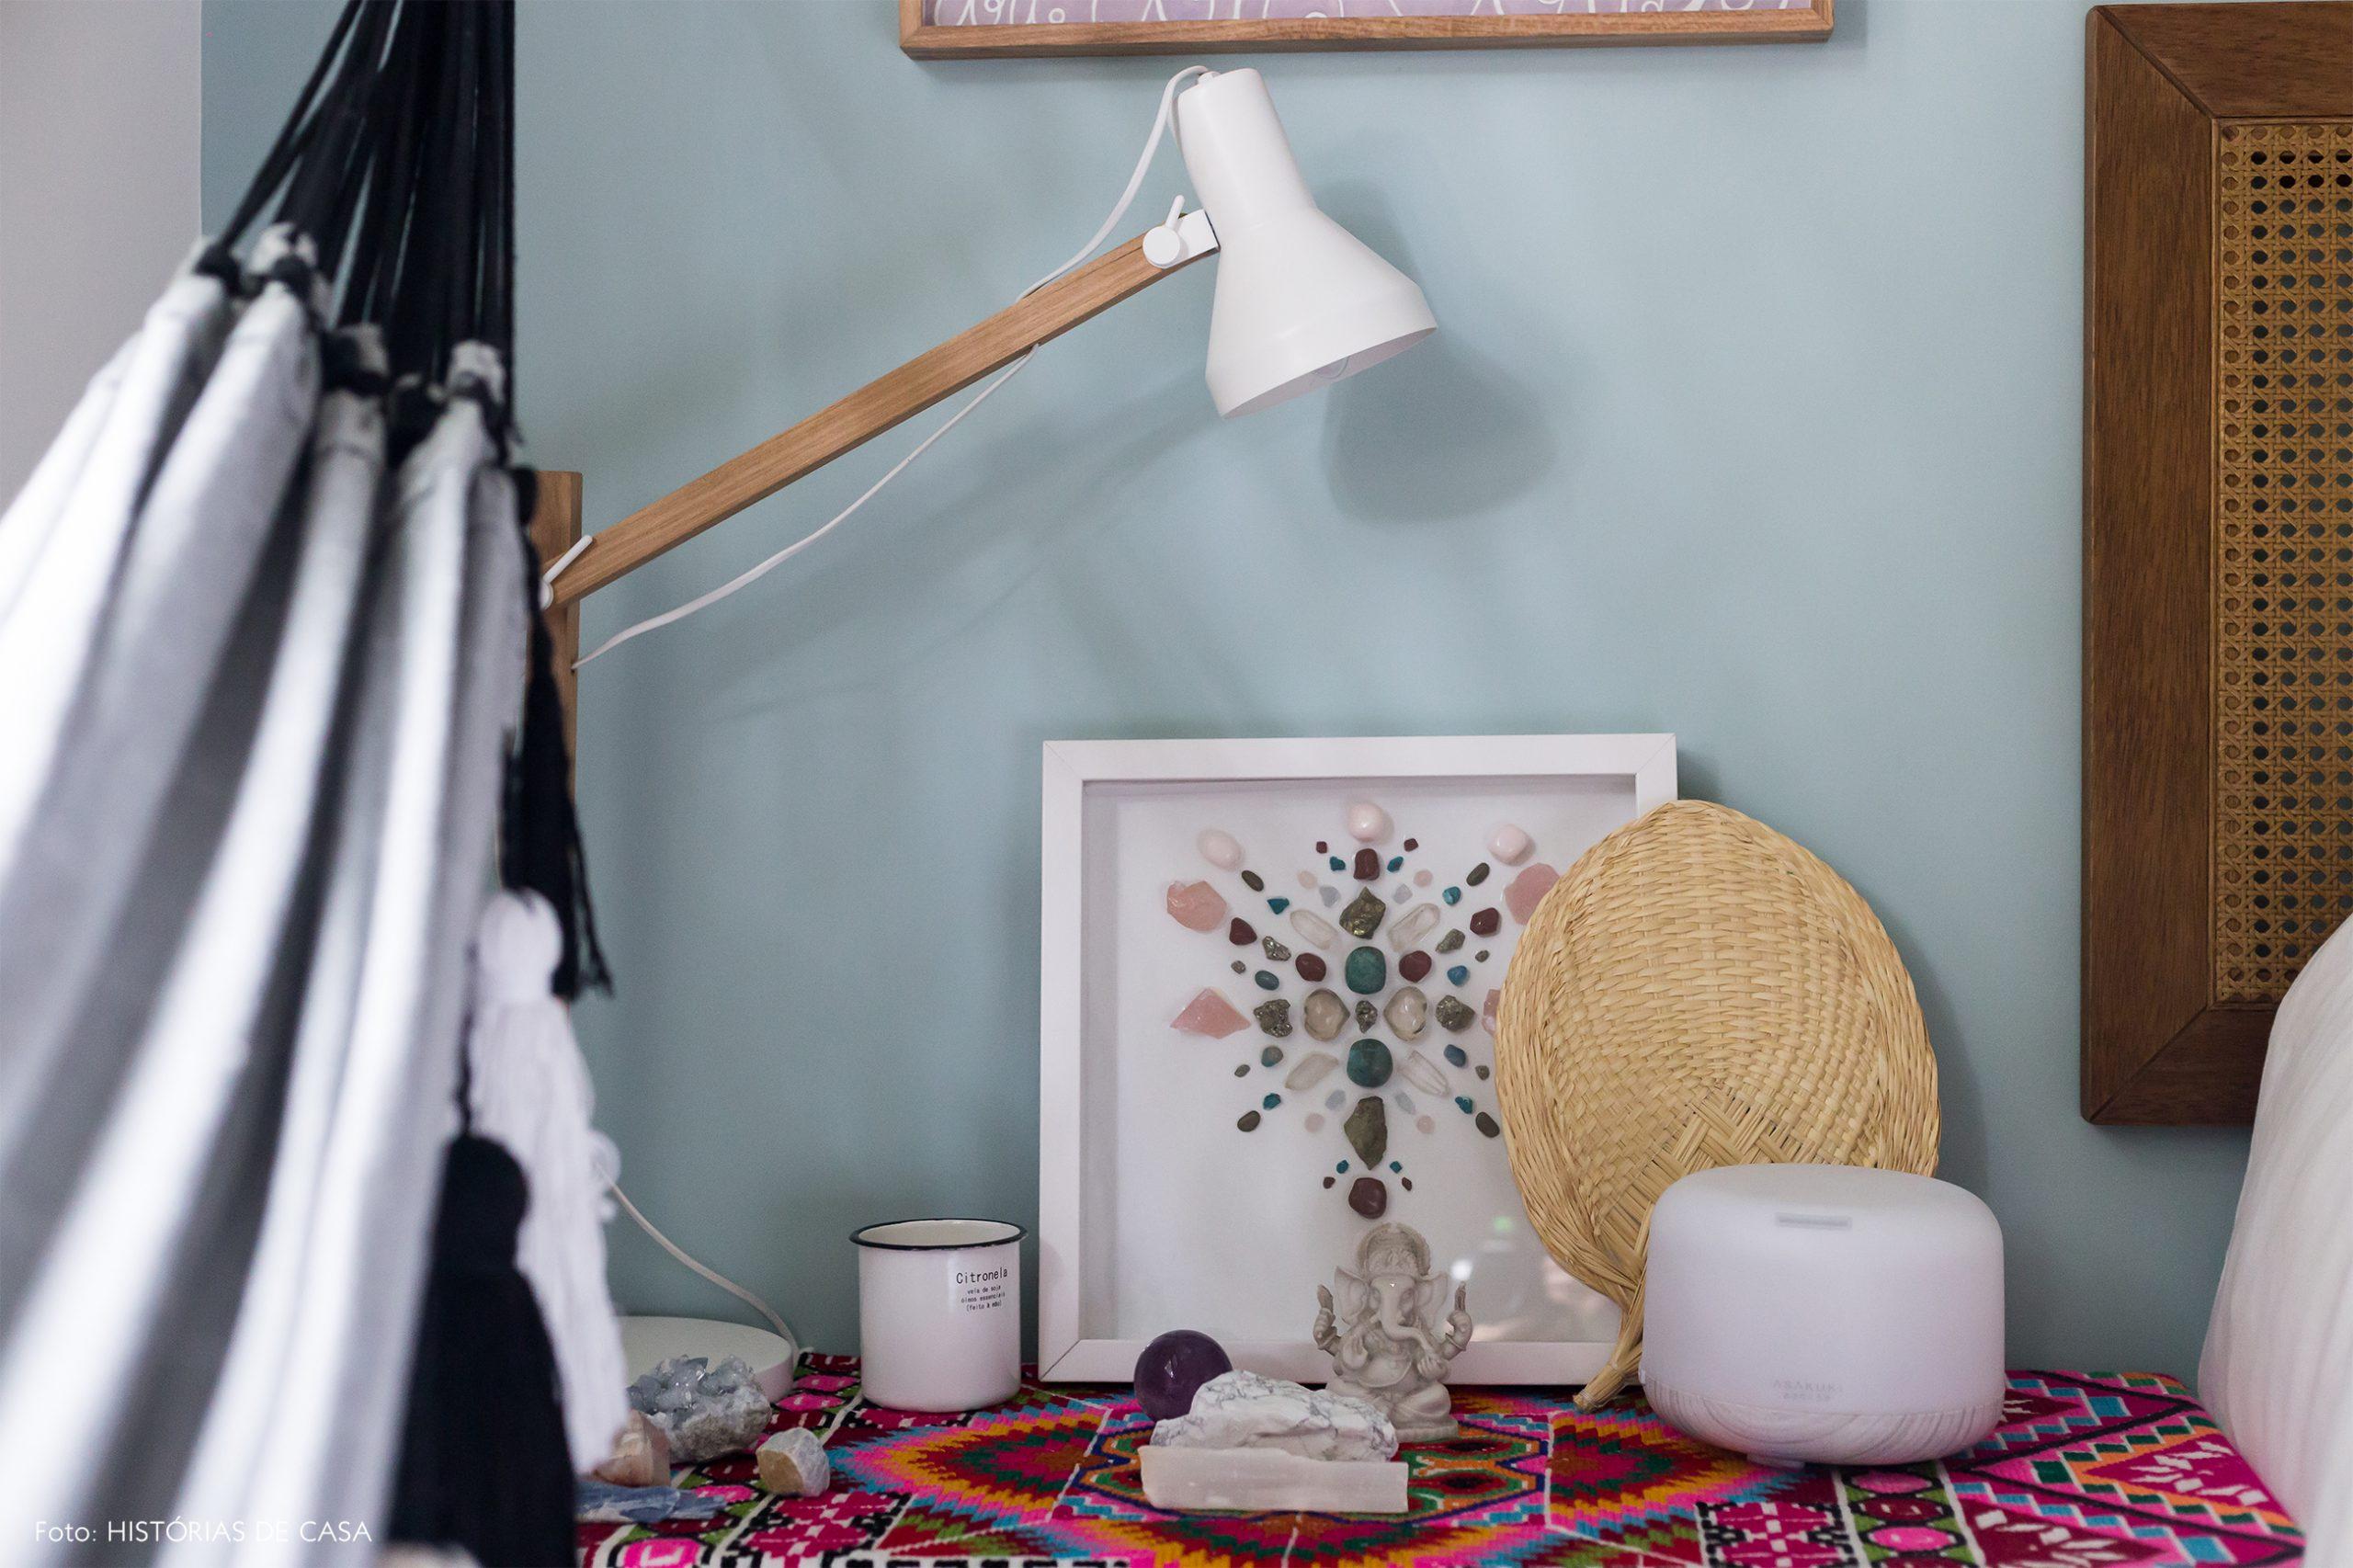 decoração quarto com parede azul e altar com luminaria de madeira